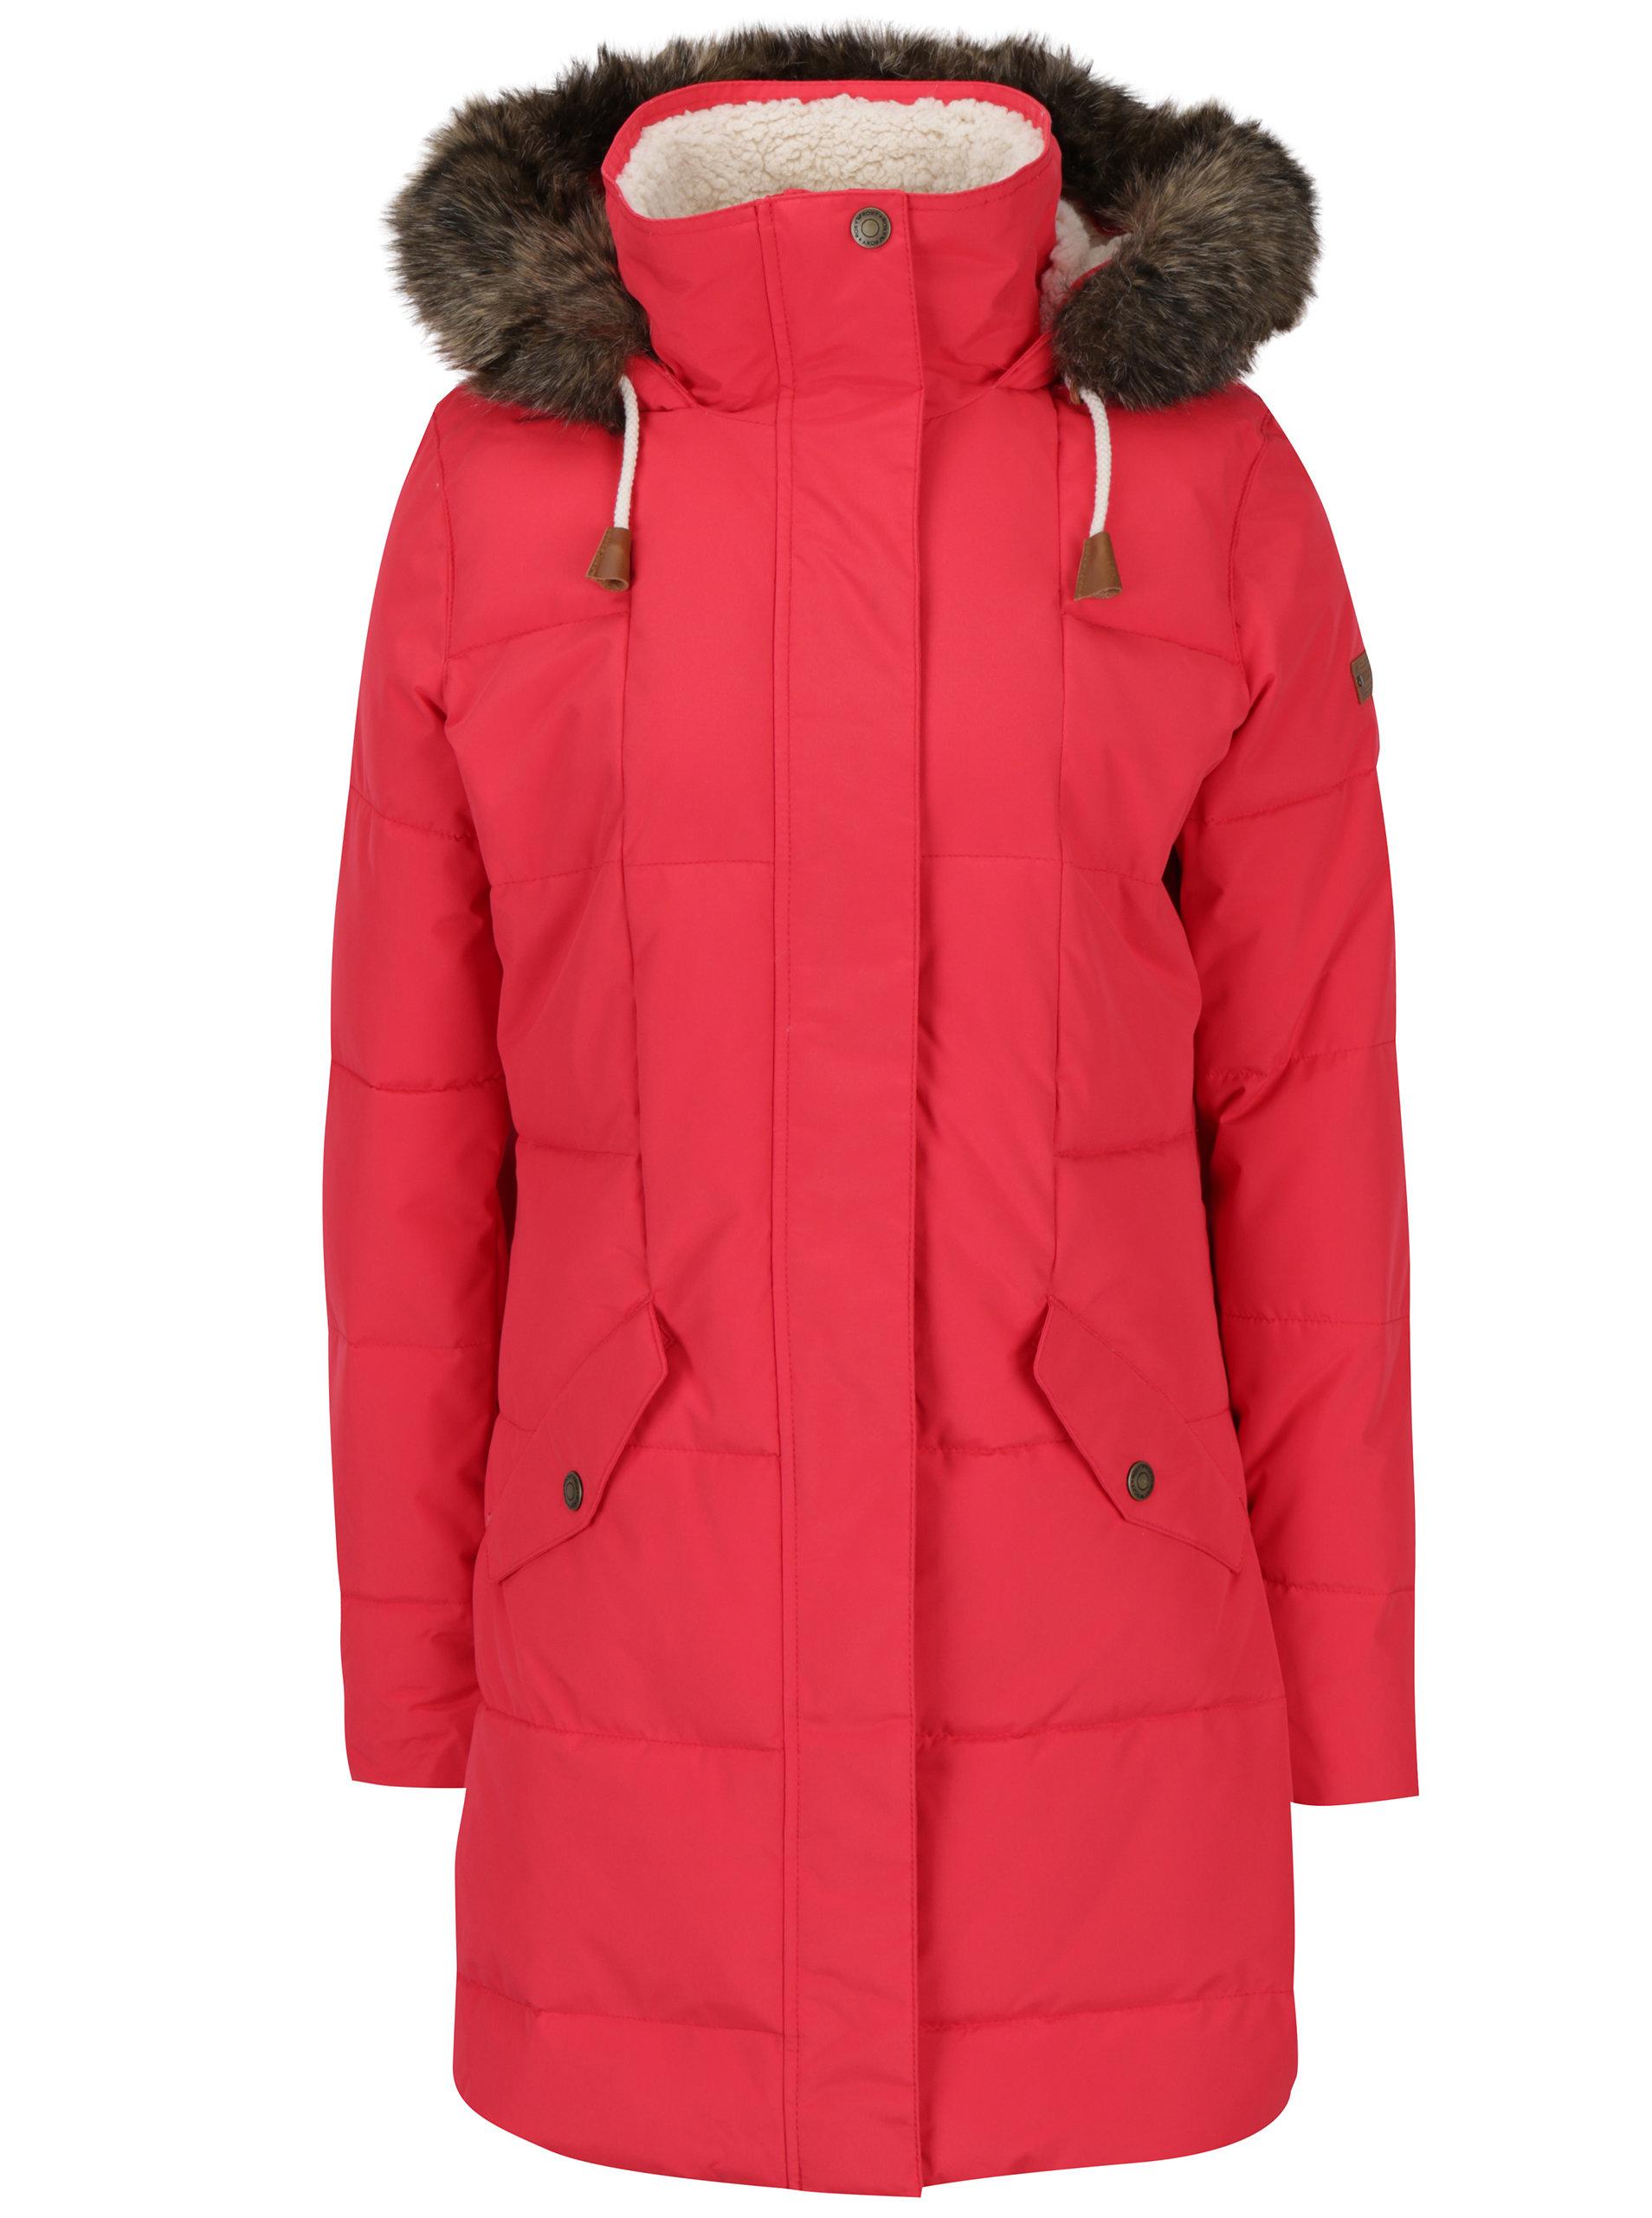 87f9f815741 Červený dámský zimní voděodolný funkční prošívaný kabát Roxy Ellie ...